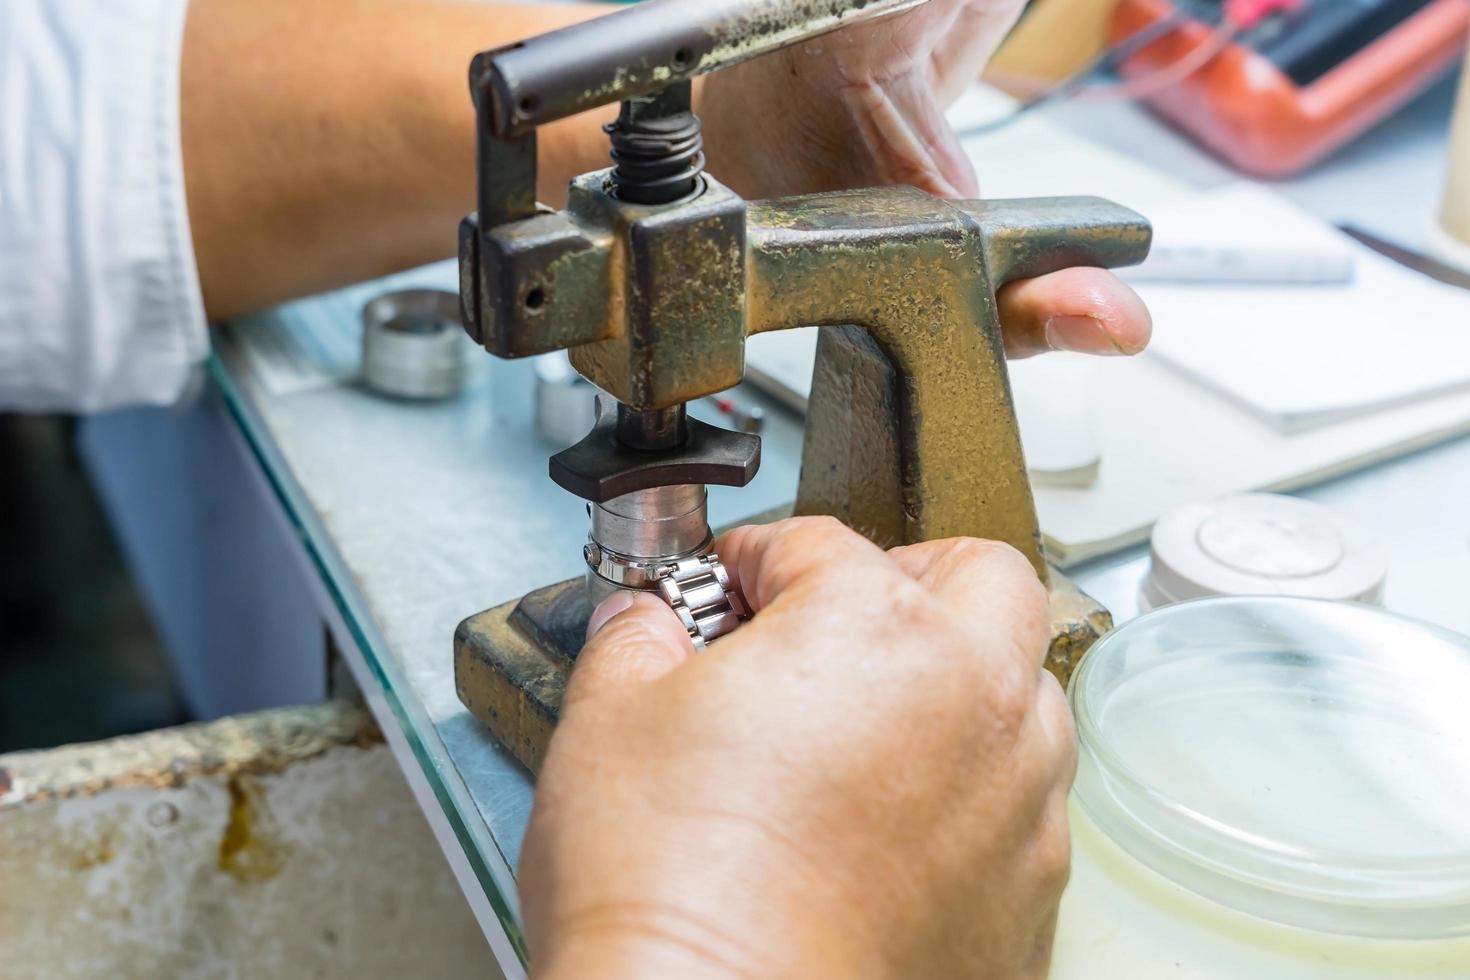 orologiaio senior che ripara un vecchio orologio foto